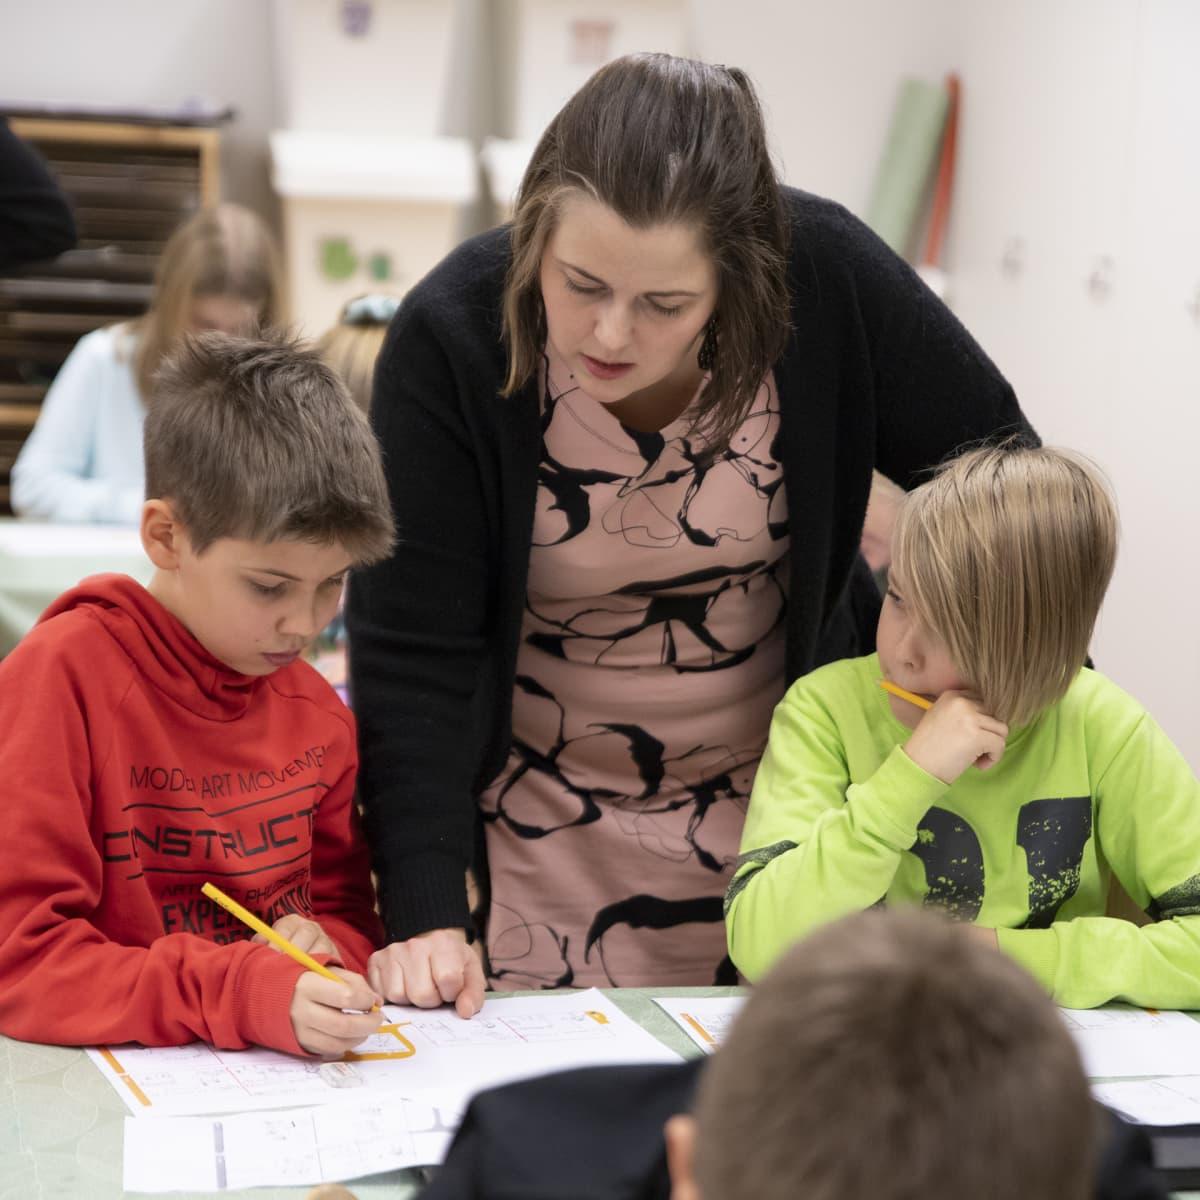 Opettaja neuvoo oppilaita tunnilla.